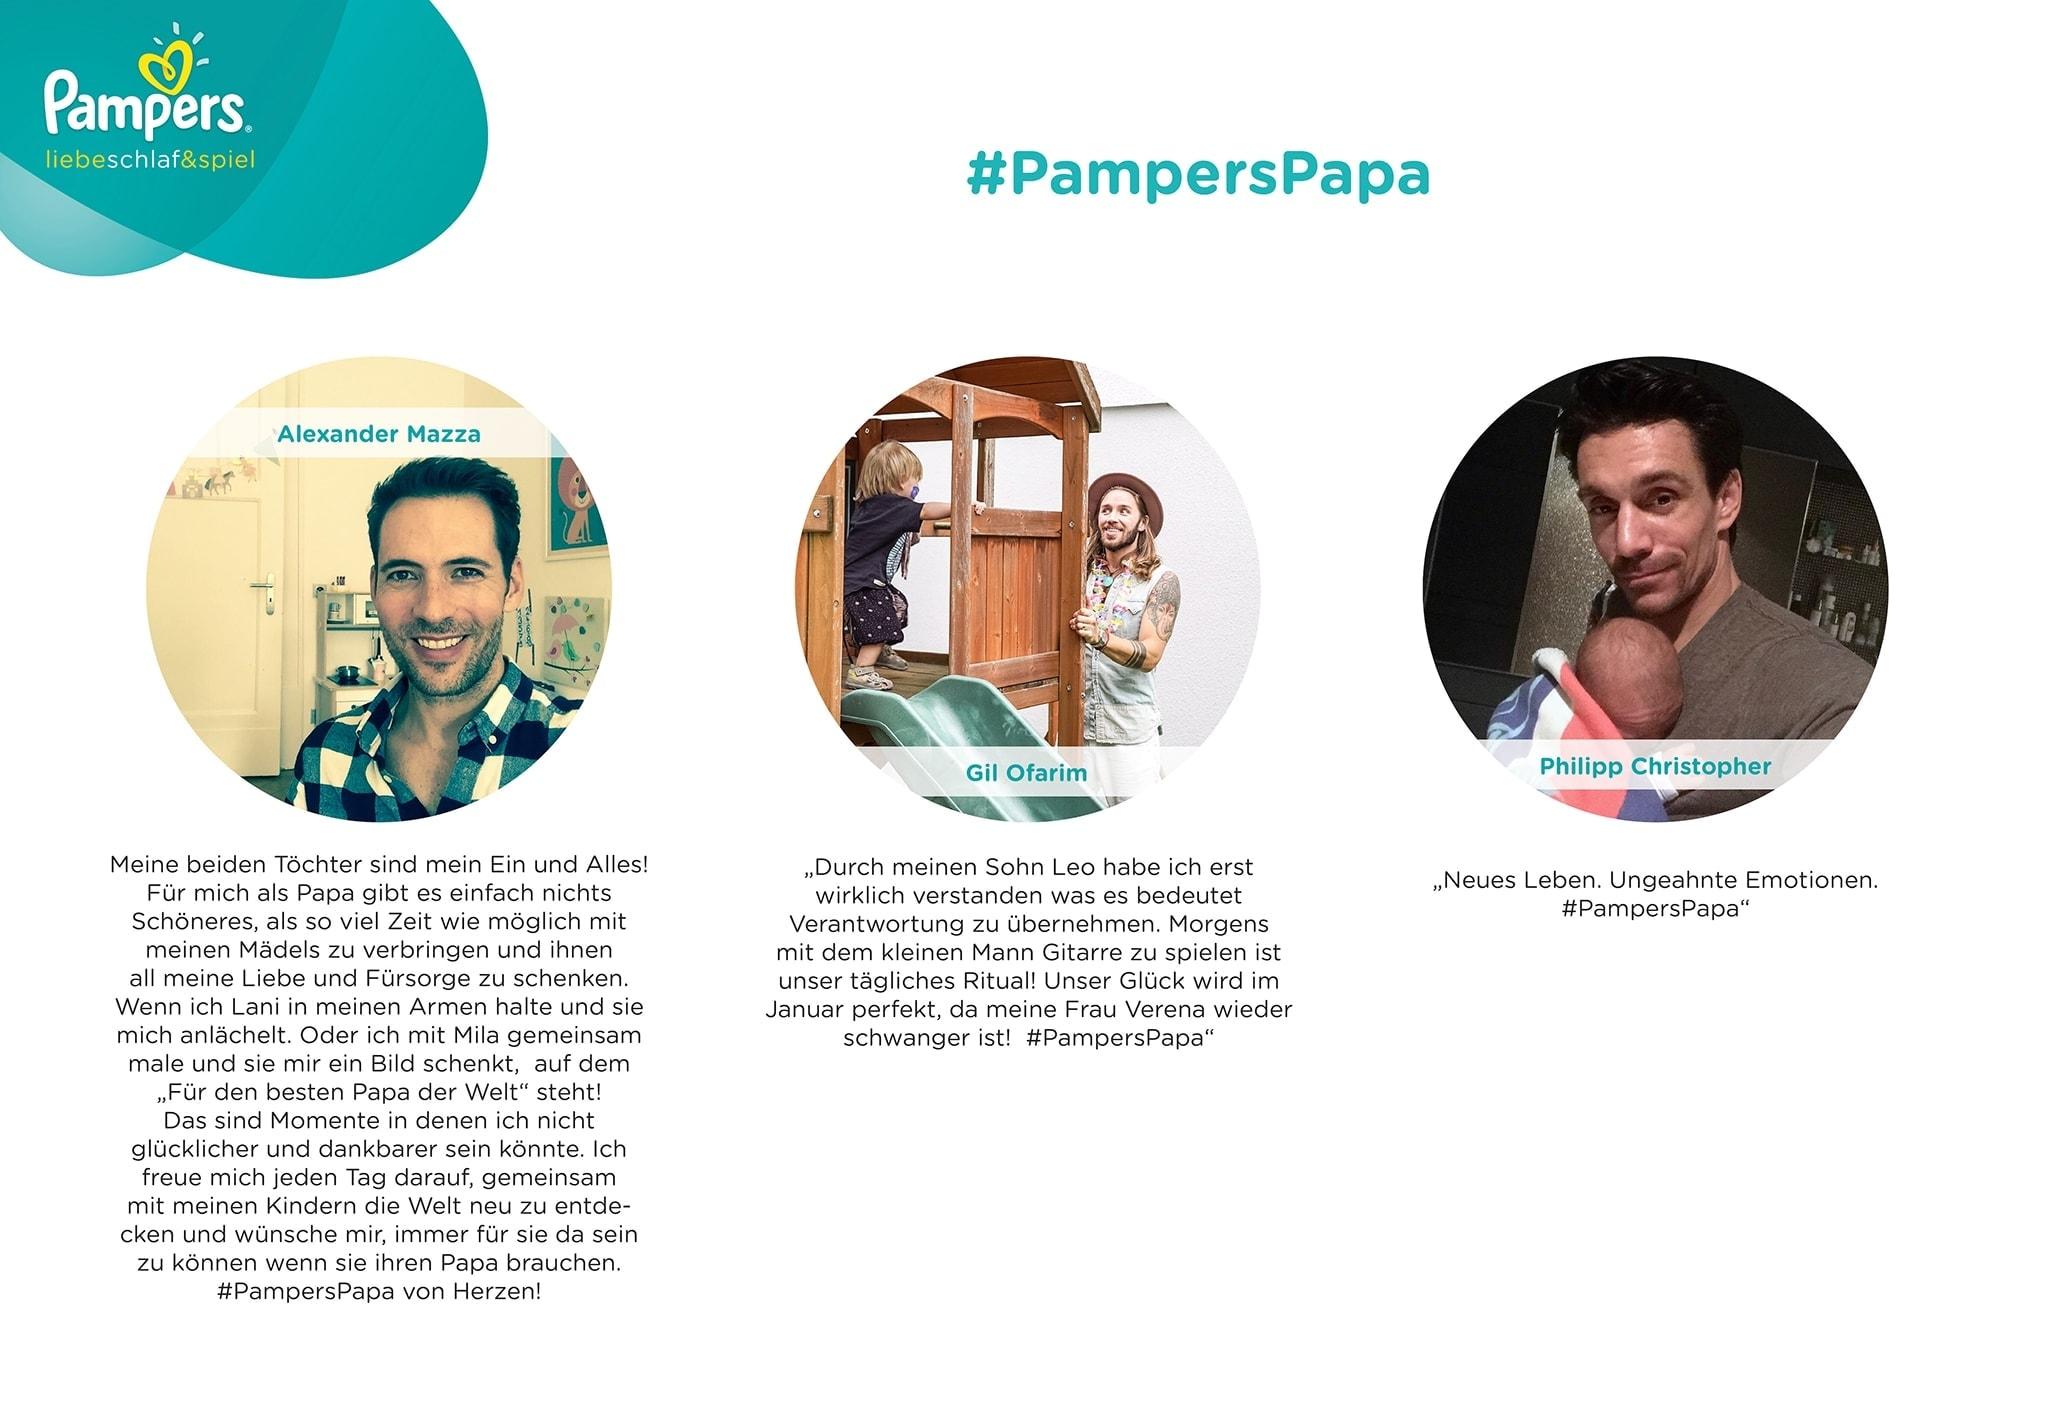 Der Pampers-Papa - Weils einfach selbstverständlich ist | sponsored Posts | Was is hier eigentlich los?